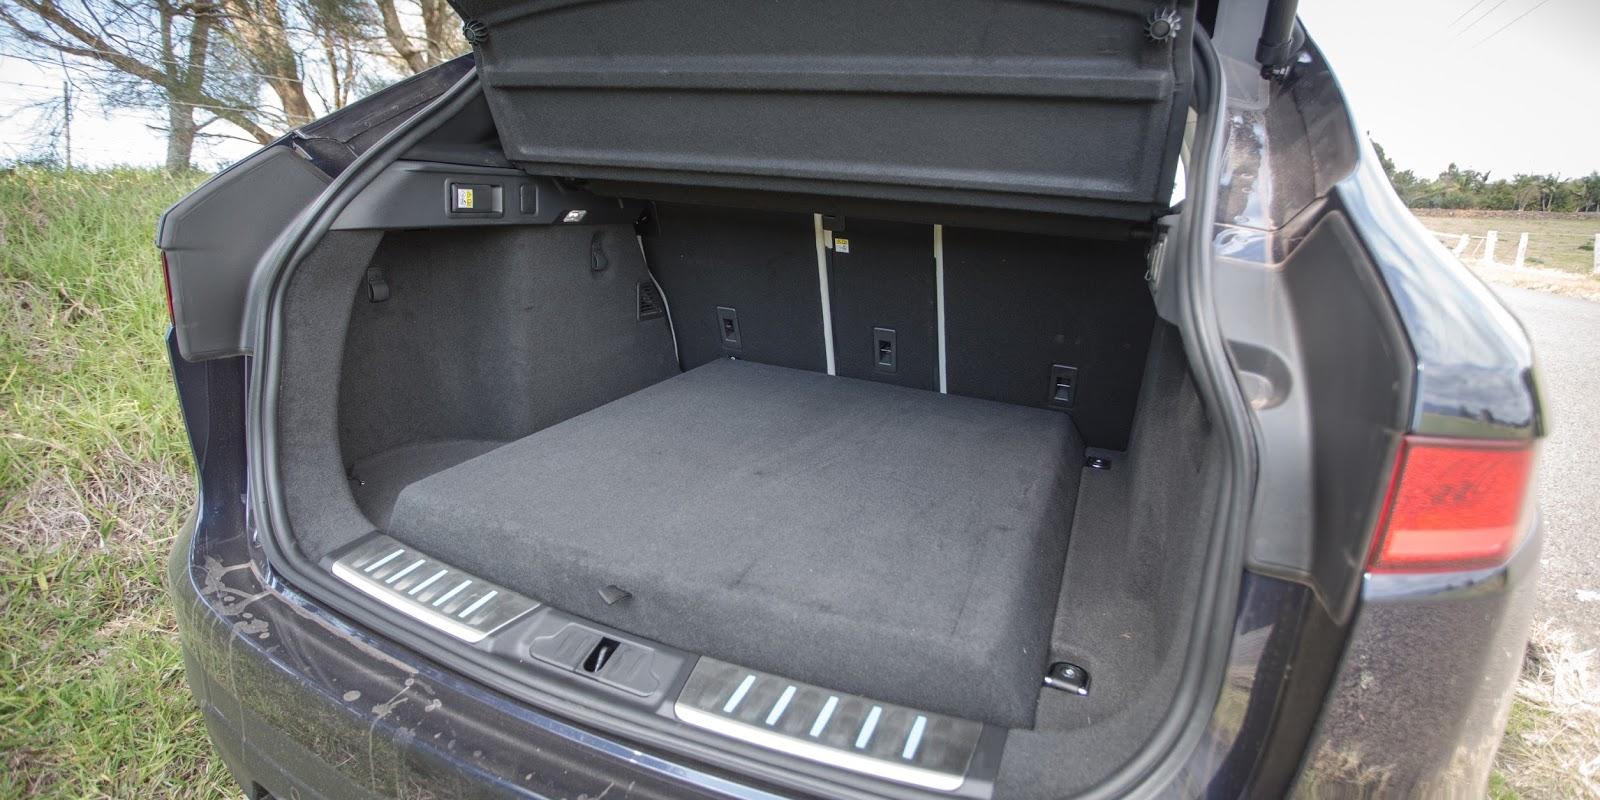 Khoang hành lý của xe cũng khá rộng, tuy nhiên không chở được nhiều đồ